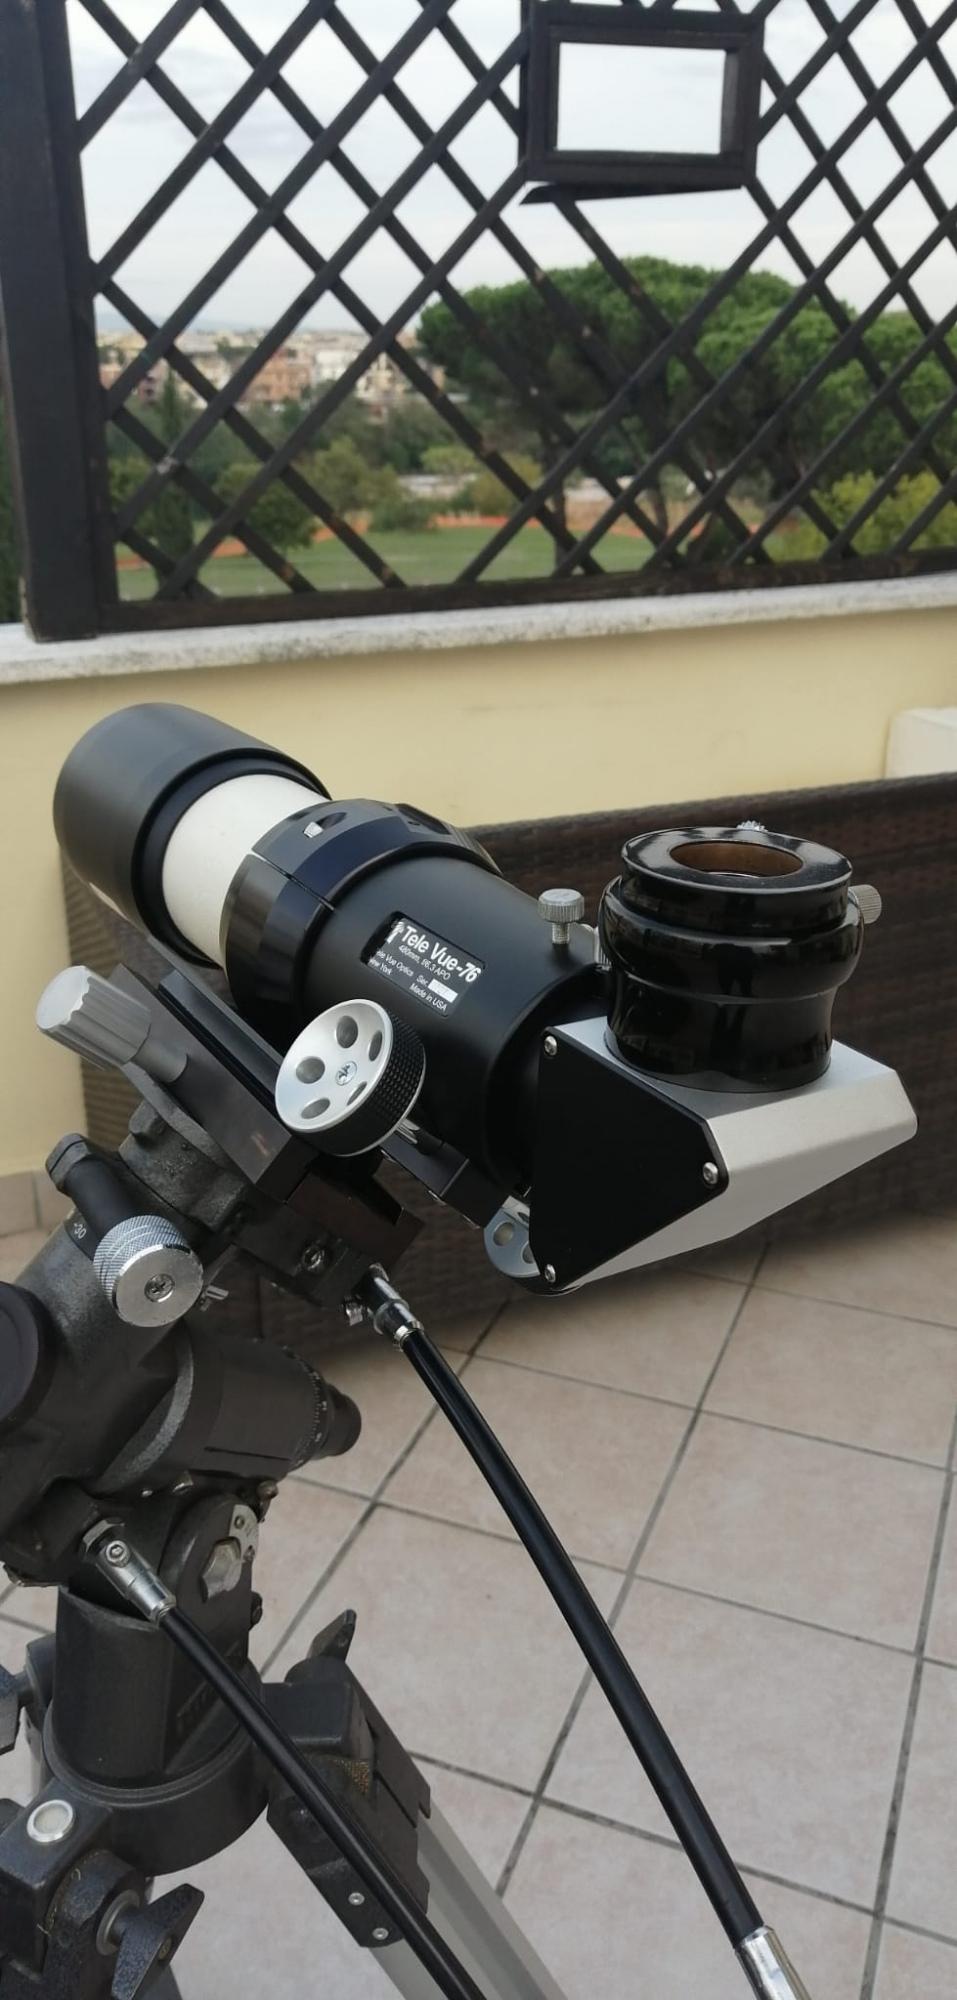 IMG-20201005-WA0043.jpg